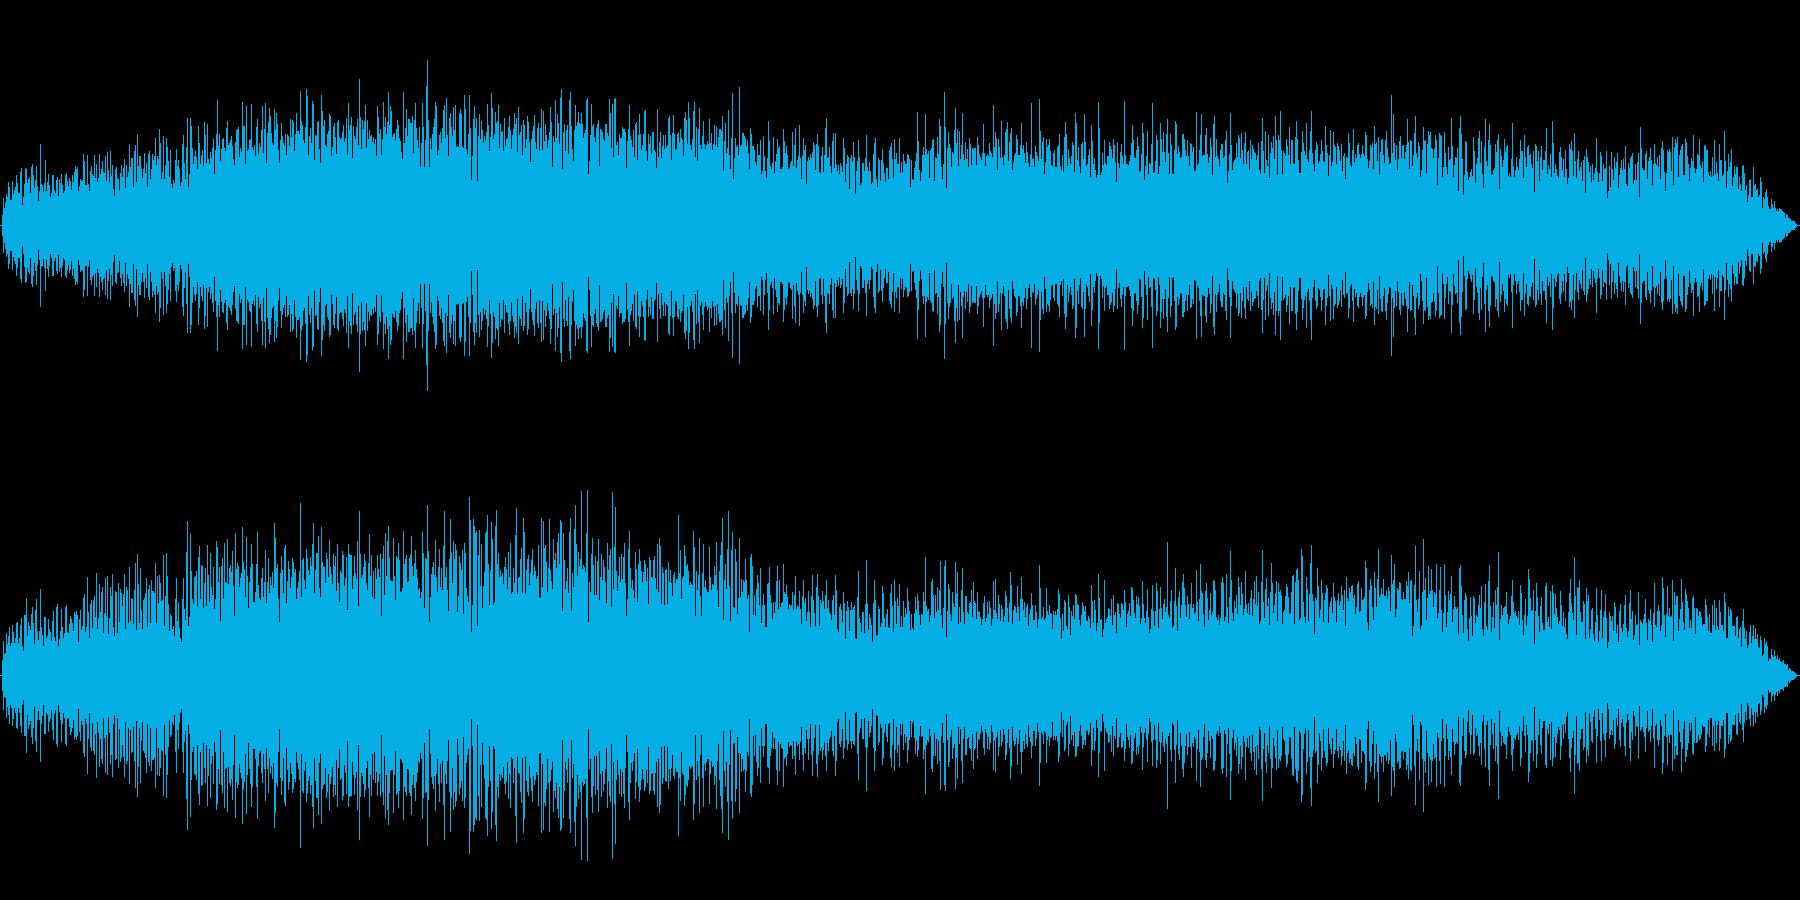 田舎の水路 梅雨のカエルの鳴き声の再生済みの波形